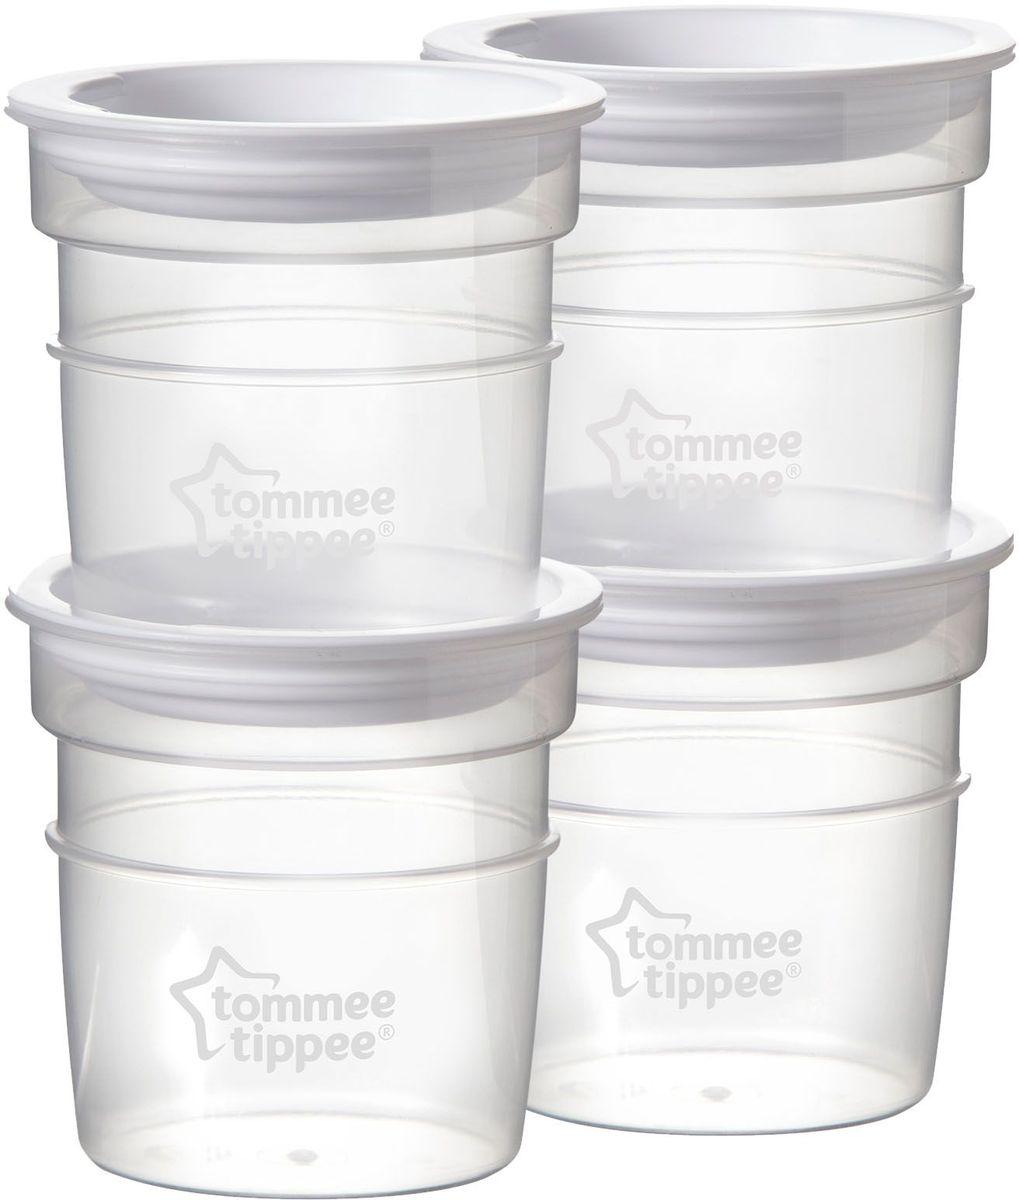 Tommee Tippee Контейнеры для молока 60 мл 4 шт -  Молокоотсосы